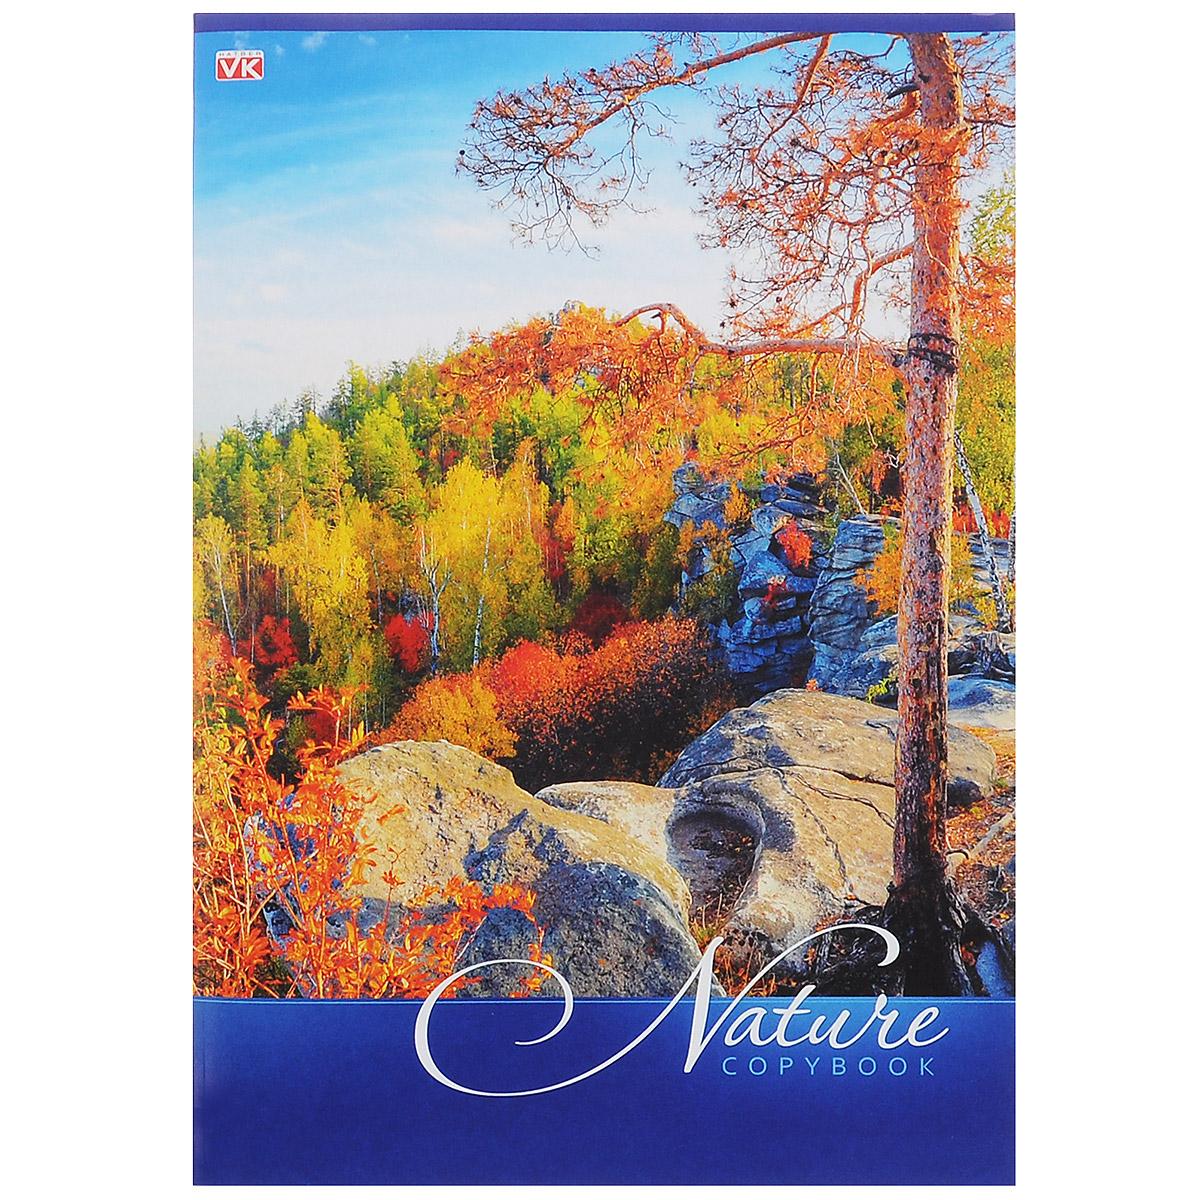 Hatber Тетрадь в клетку Nature, 80 листов, цвет: синий, оранжевый, формат А480Т4C3_10213Тетрадь Hatber Nature предназначена для объемных записей и незаменима для старшеклассников и студентов. Обложка тетради выполнена из мелованного картона с изображением горных вершин осенних деревьев. Внутренний блок тетради на гребне состоит из 80 листов белой бумаги с линовкой в клетку синего цвета без полей. Листы тетради соединены скобами.